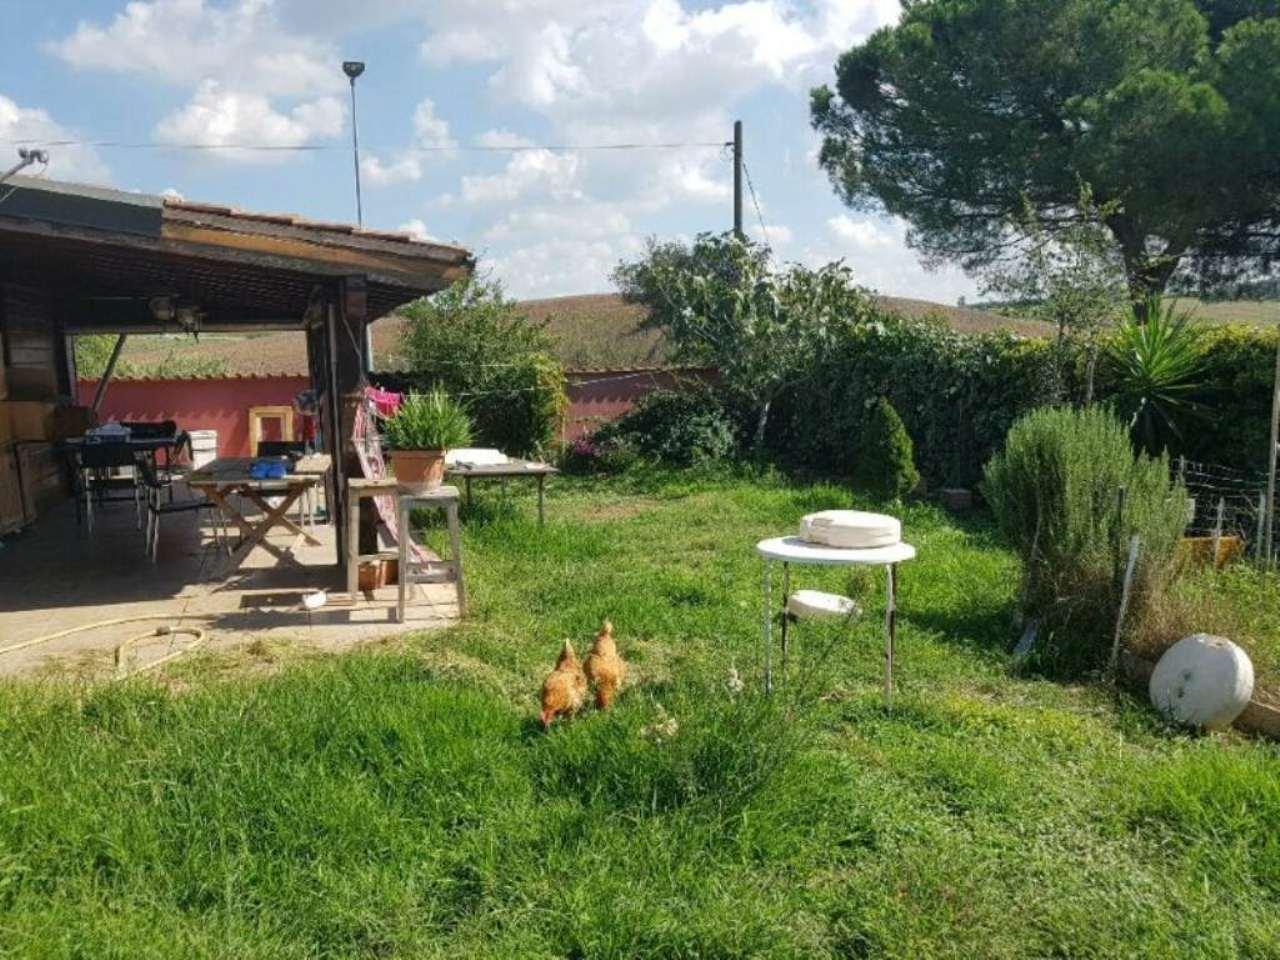 Terreno Edificabile Residenziale in vendita a Pomezia, 9999 locali, prezzo € 70.000 | CambioCasa.it